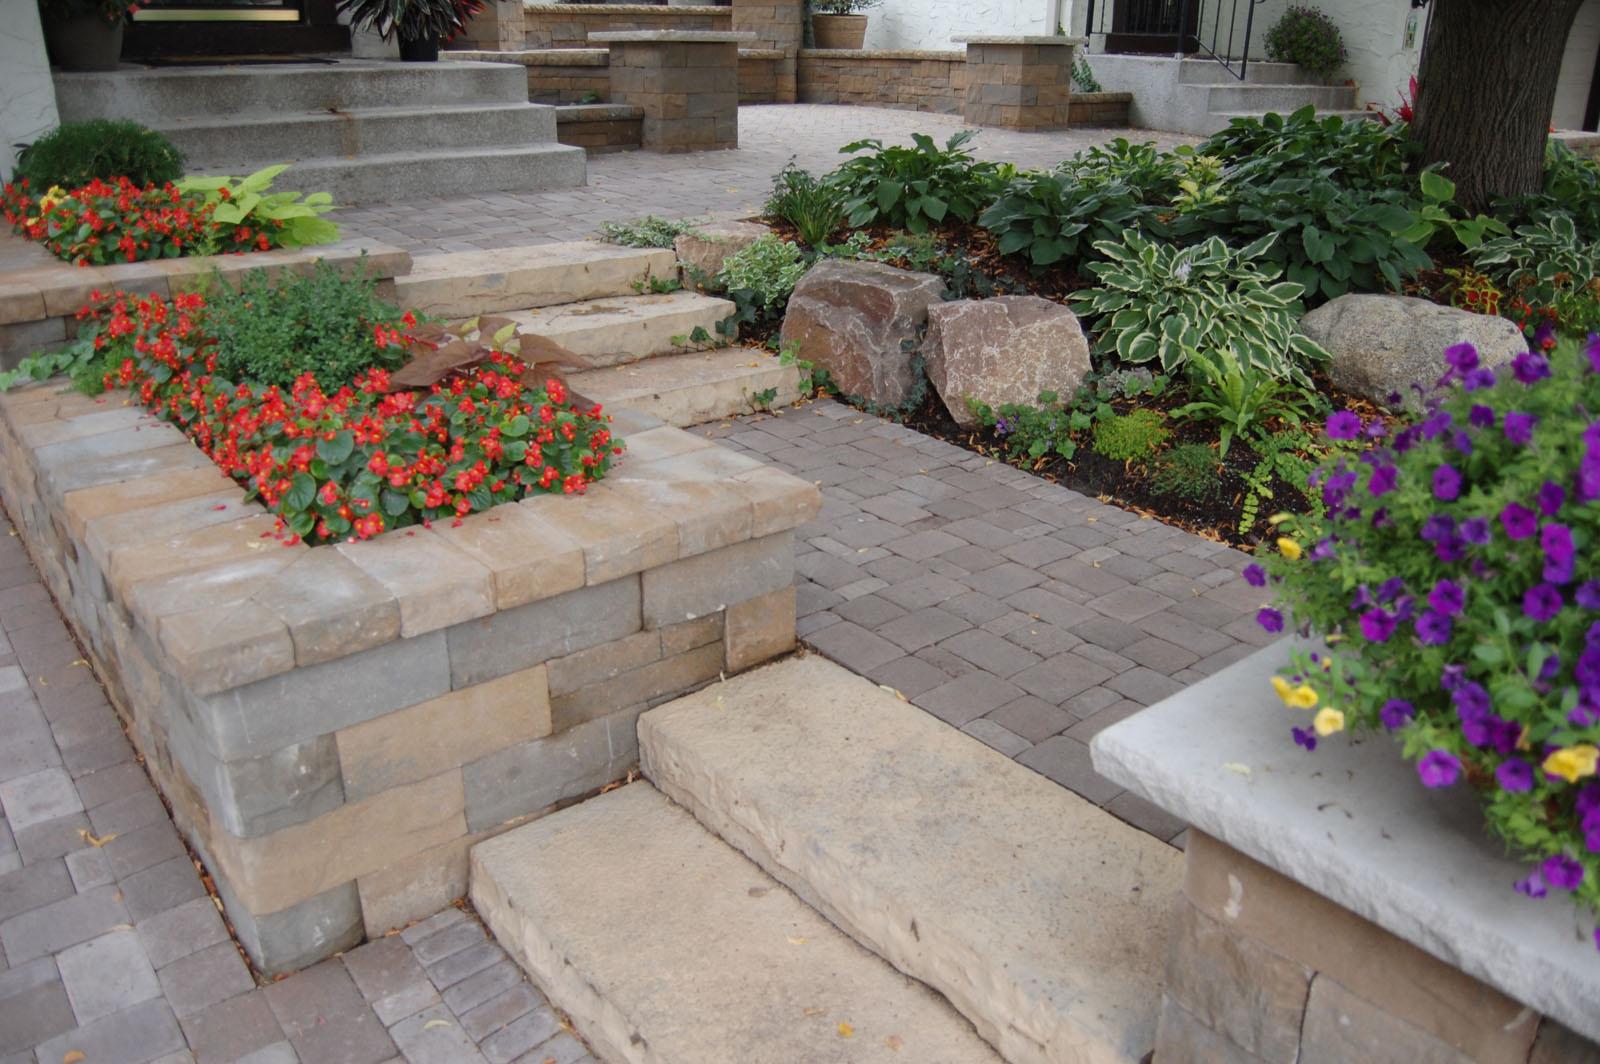 Steps-and-Planters-Edina.jpg